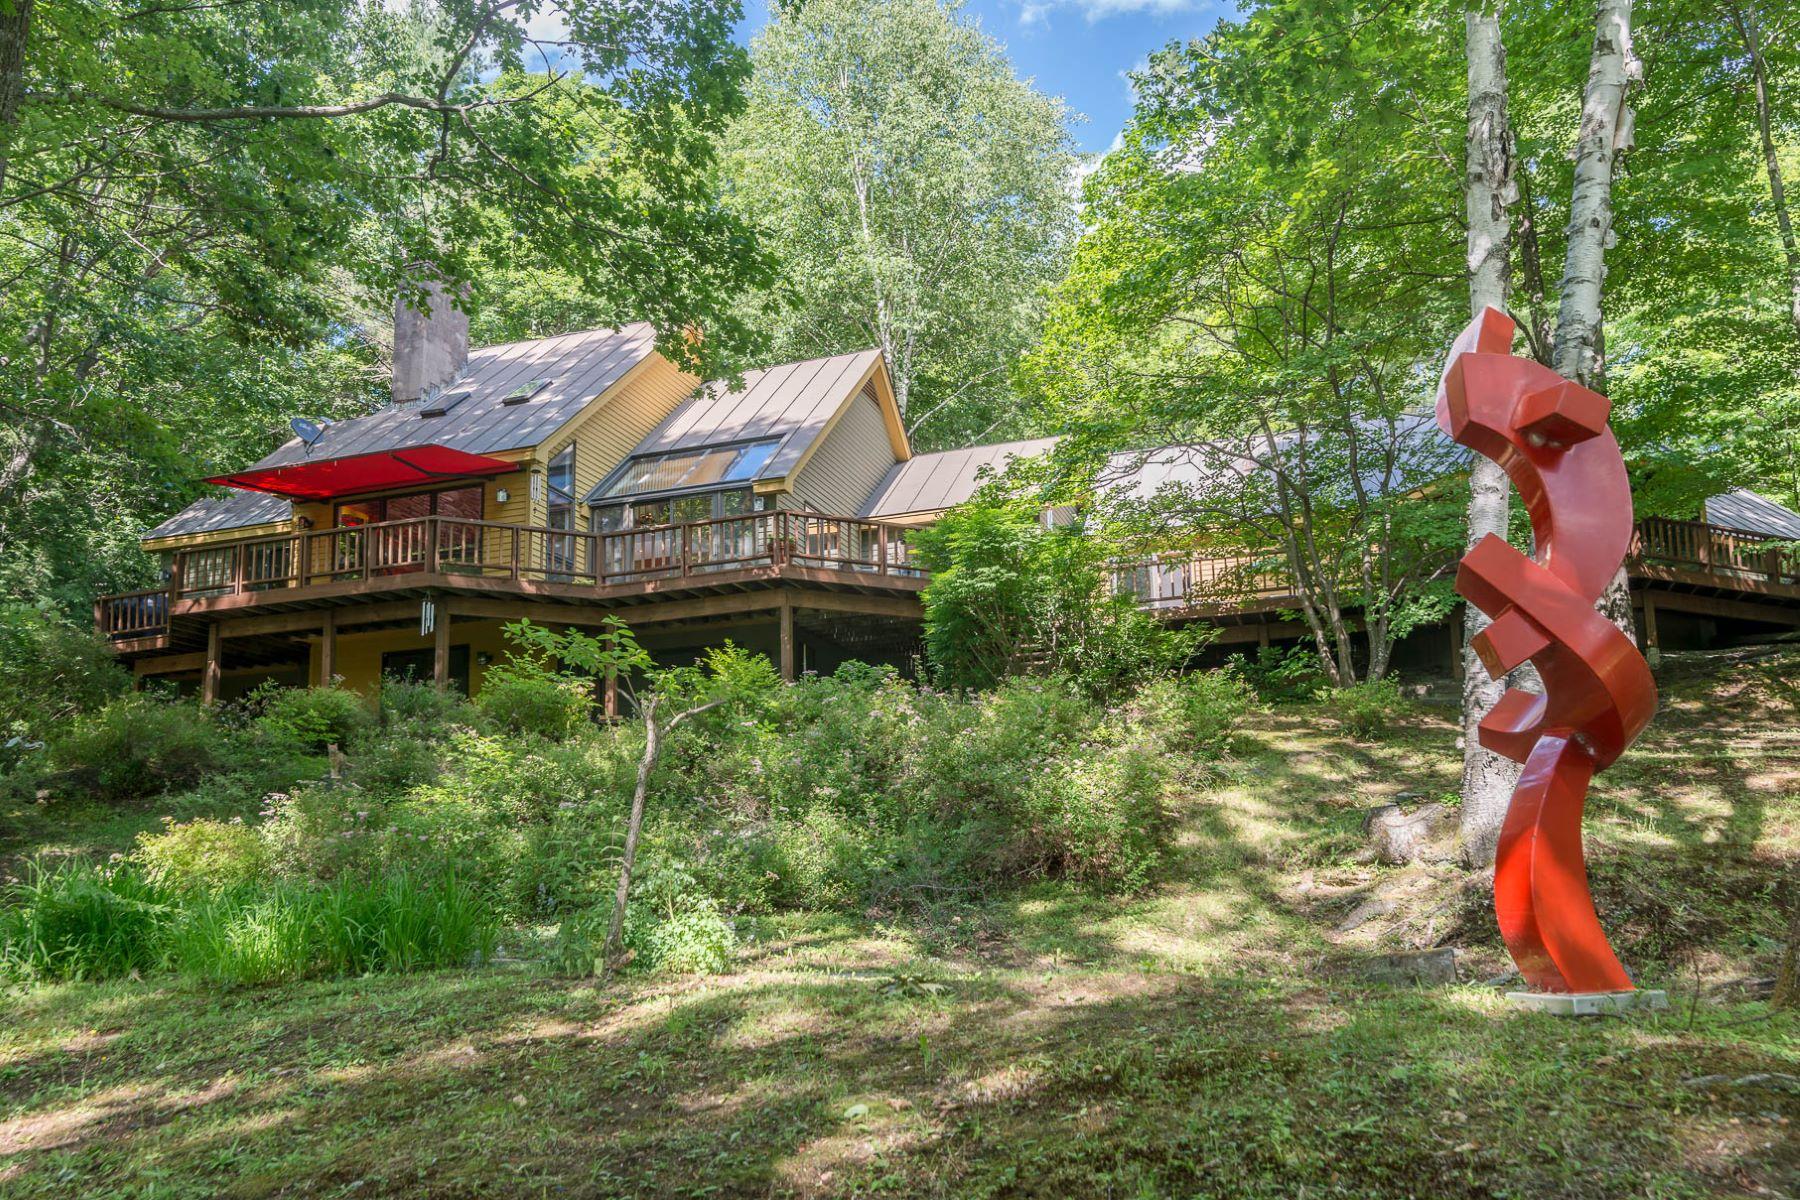 Частный односемейный дом для того Продажа на 81 Remember Baker Ln, Hartford Hartford, Вермонт, 05059 Соединенные Штаты